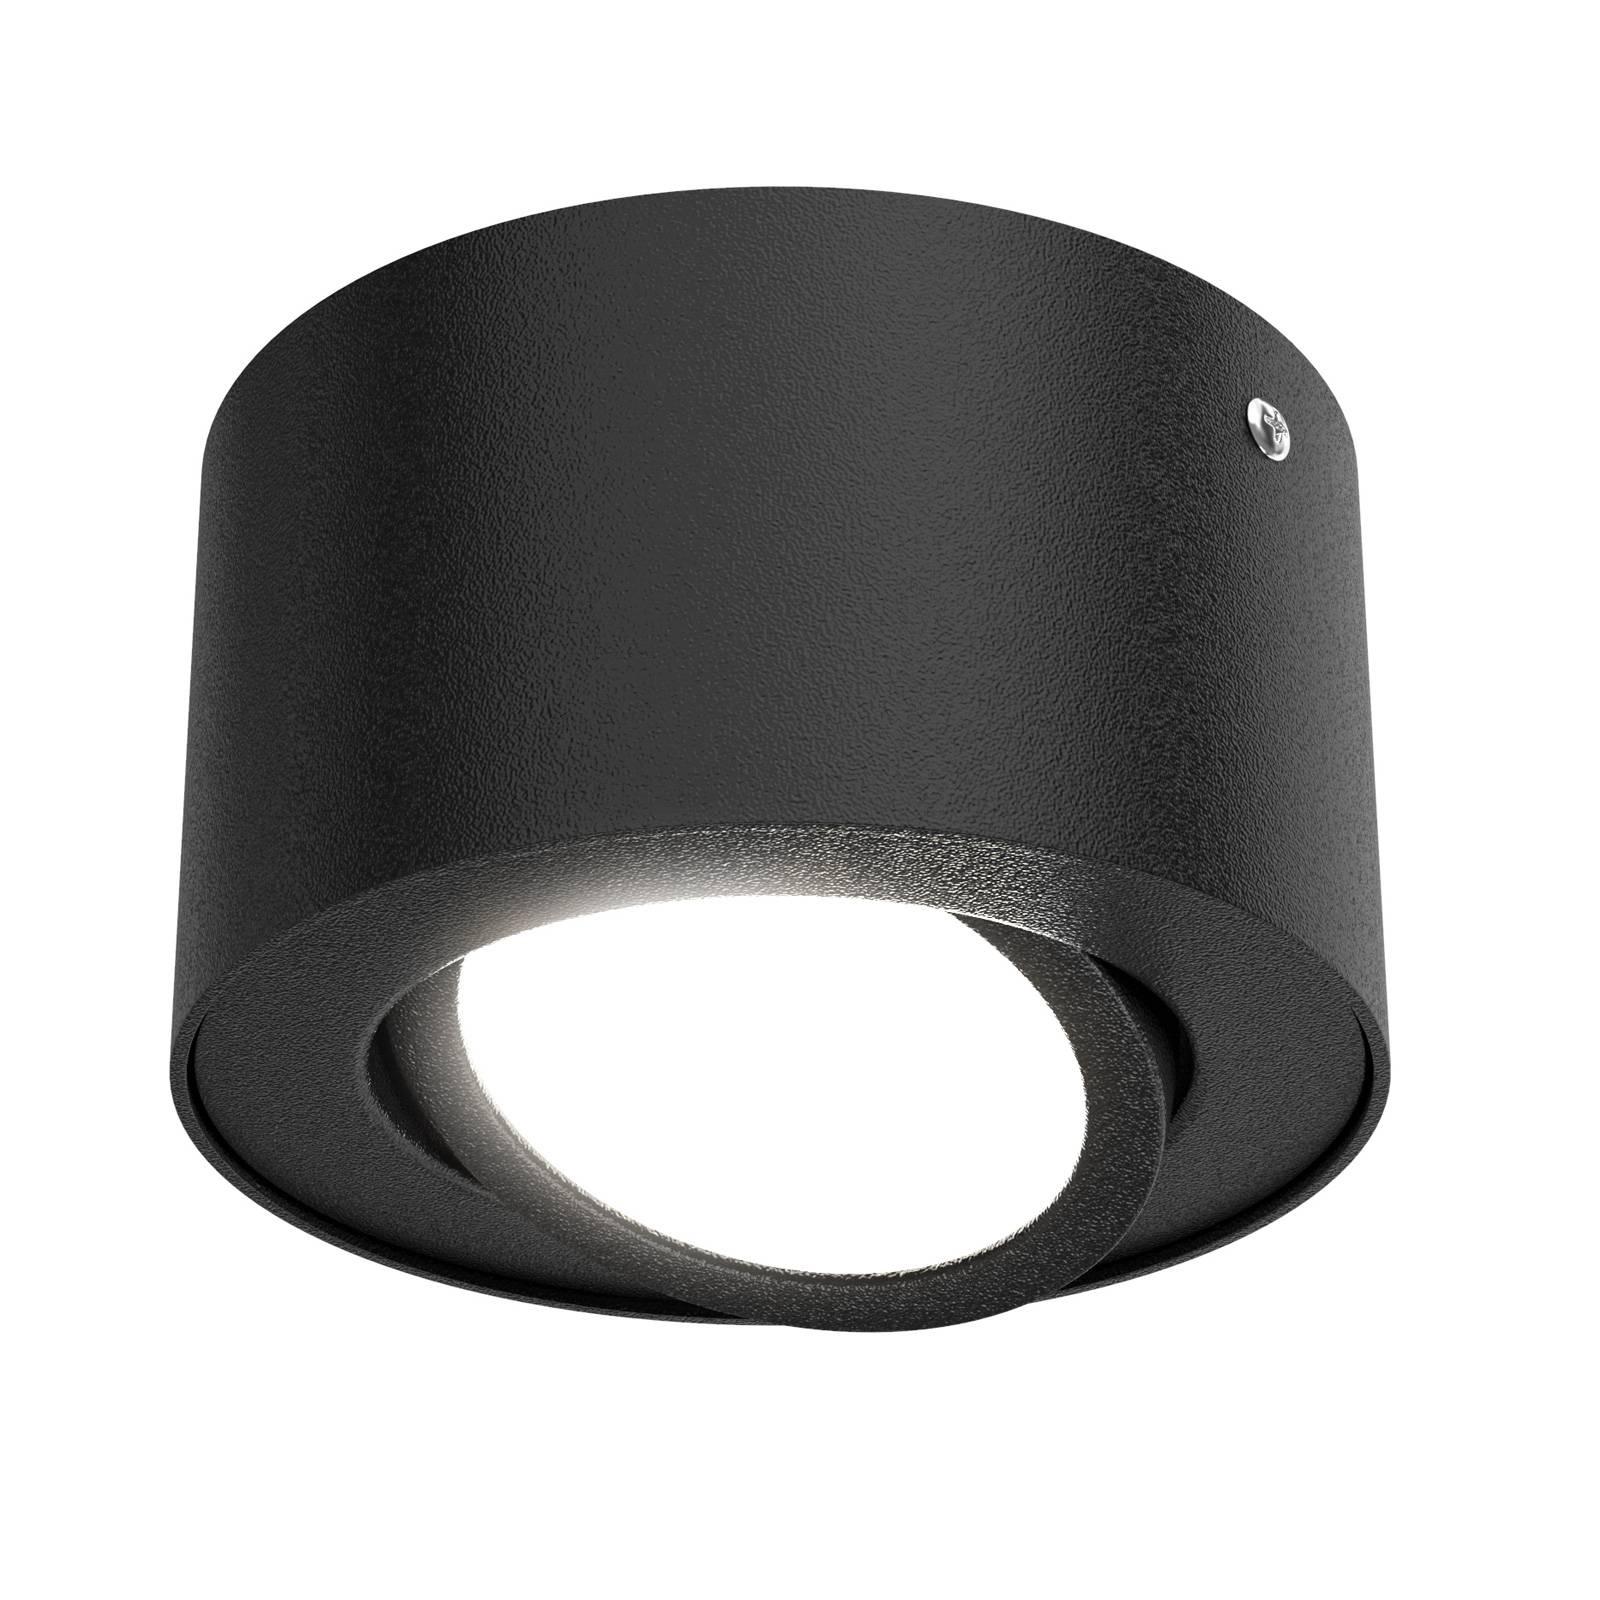 LED-kattokohdevalaisin Tube 7121-015 musta